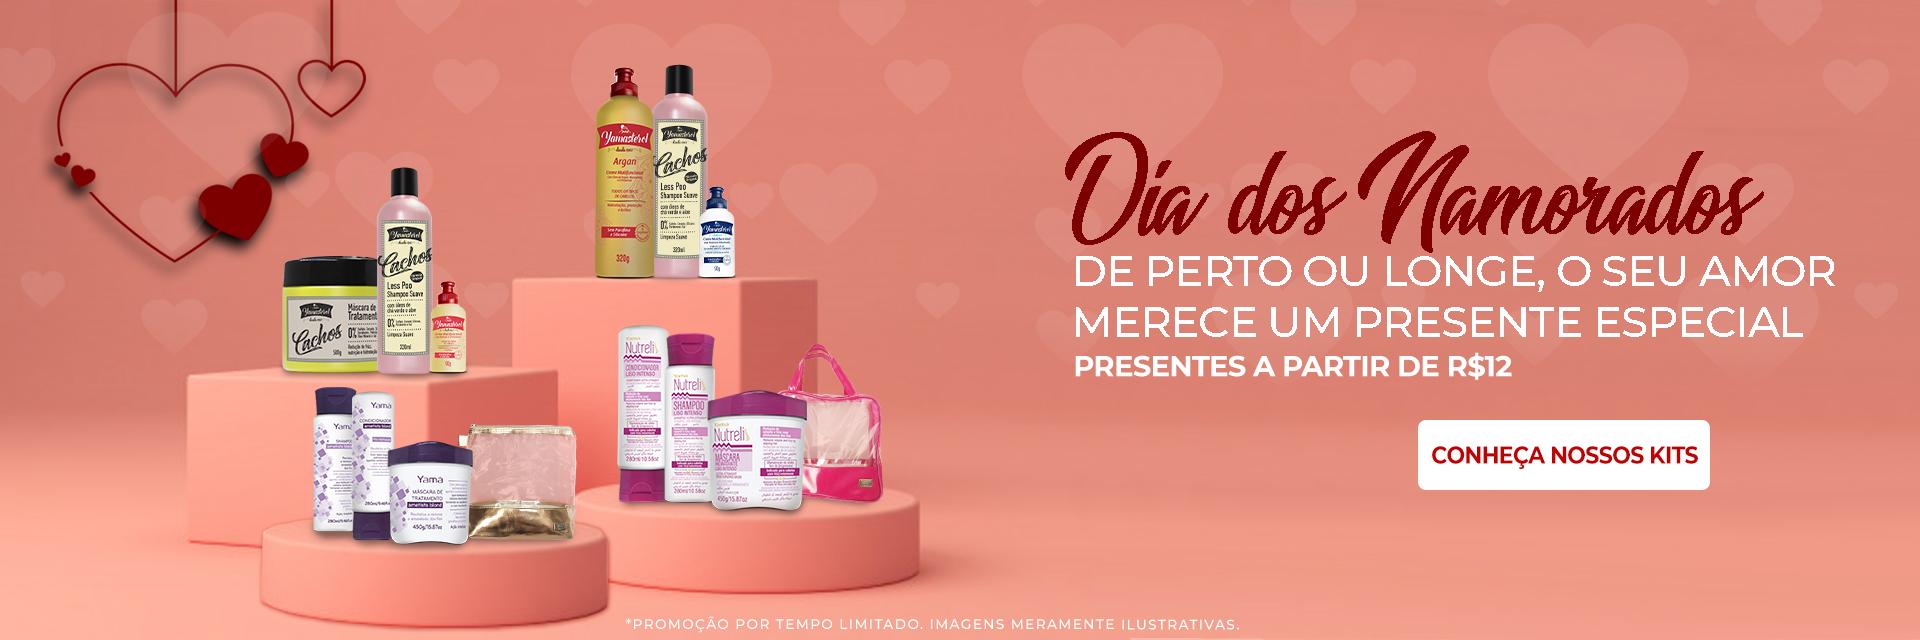 Banner | Dia dos Namorados